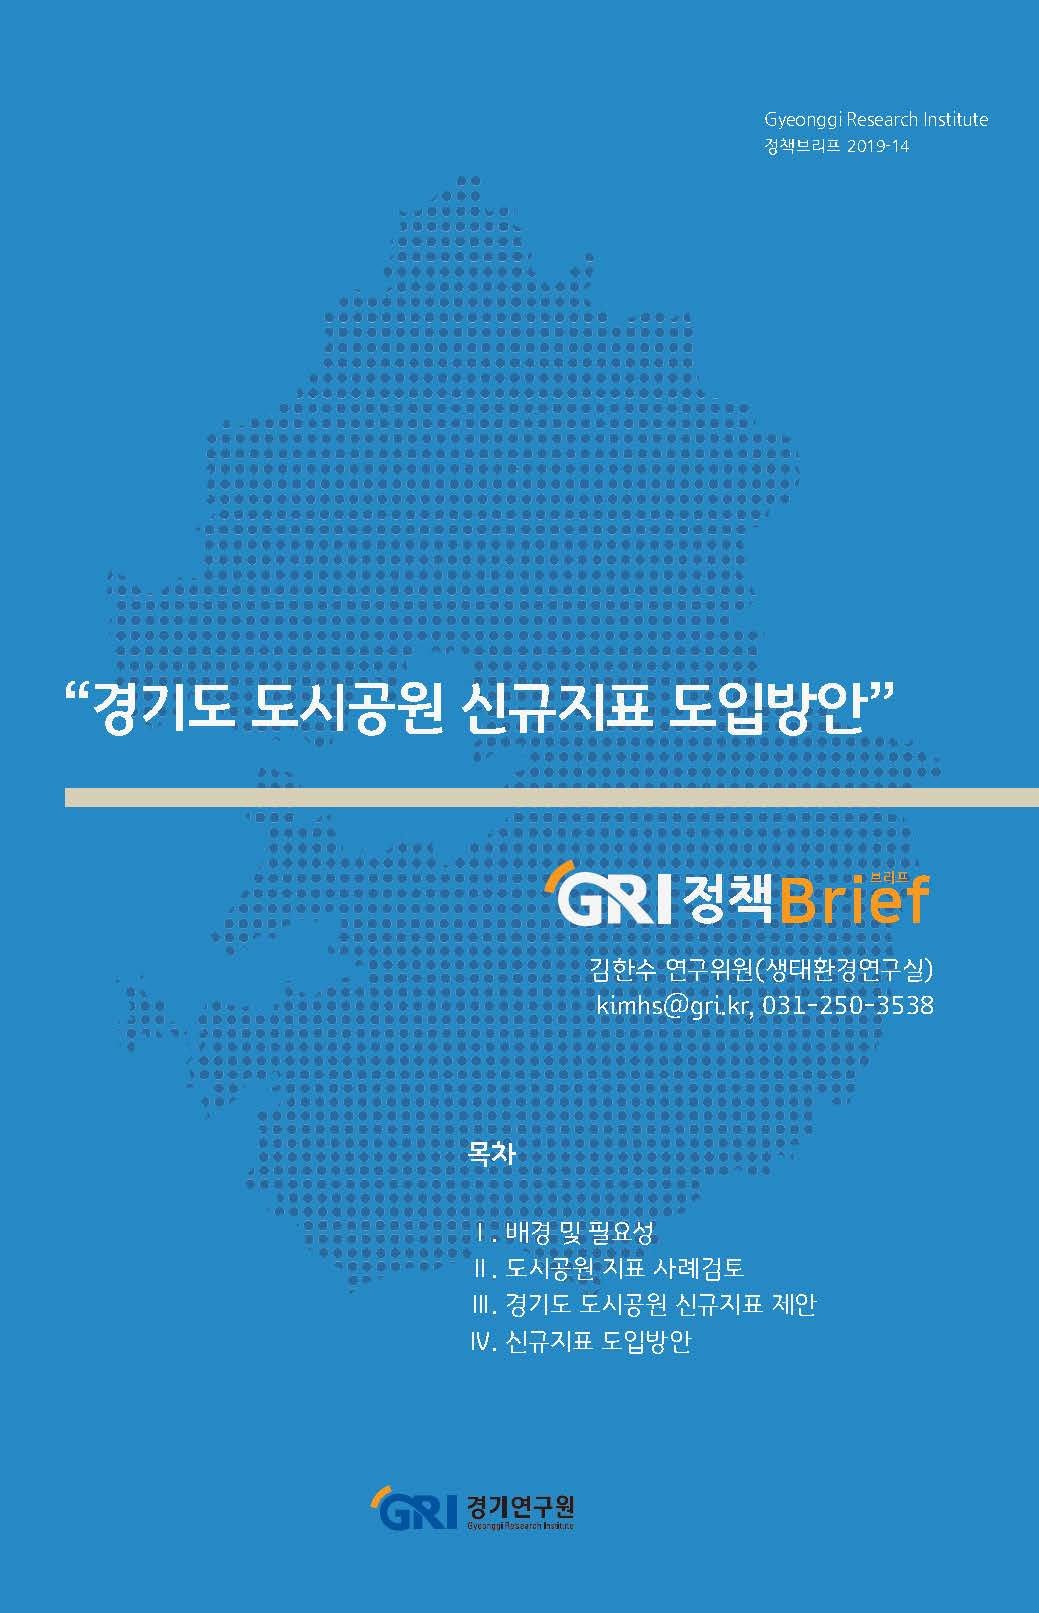 경기도 도시공원 신규지표 도입방안